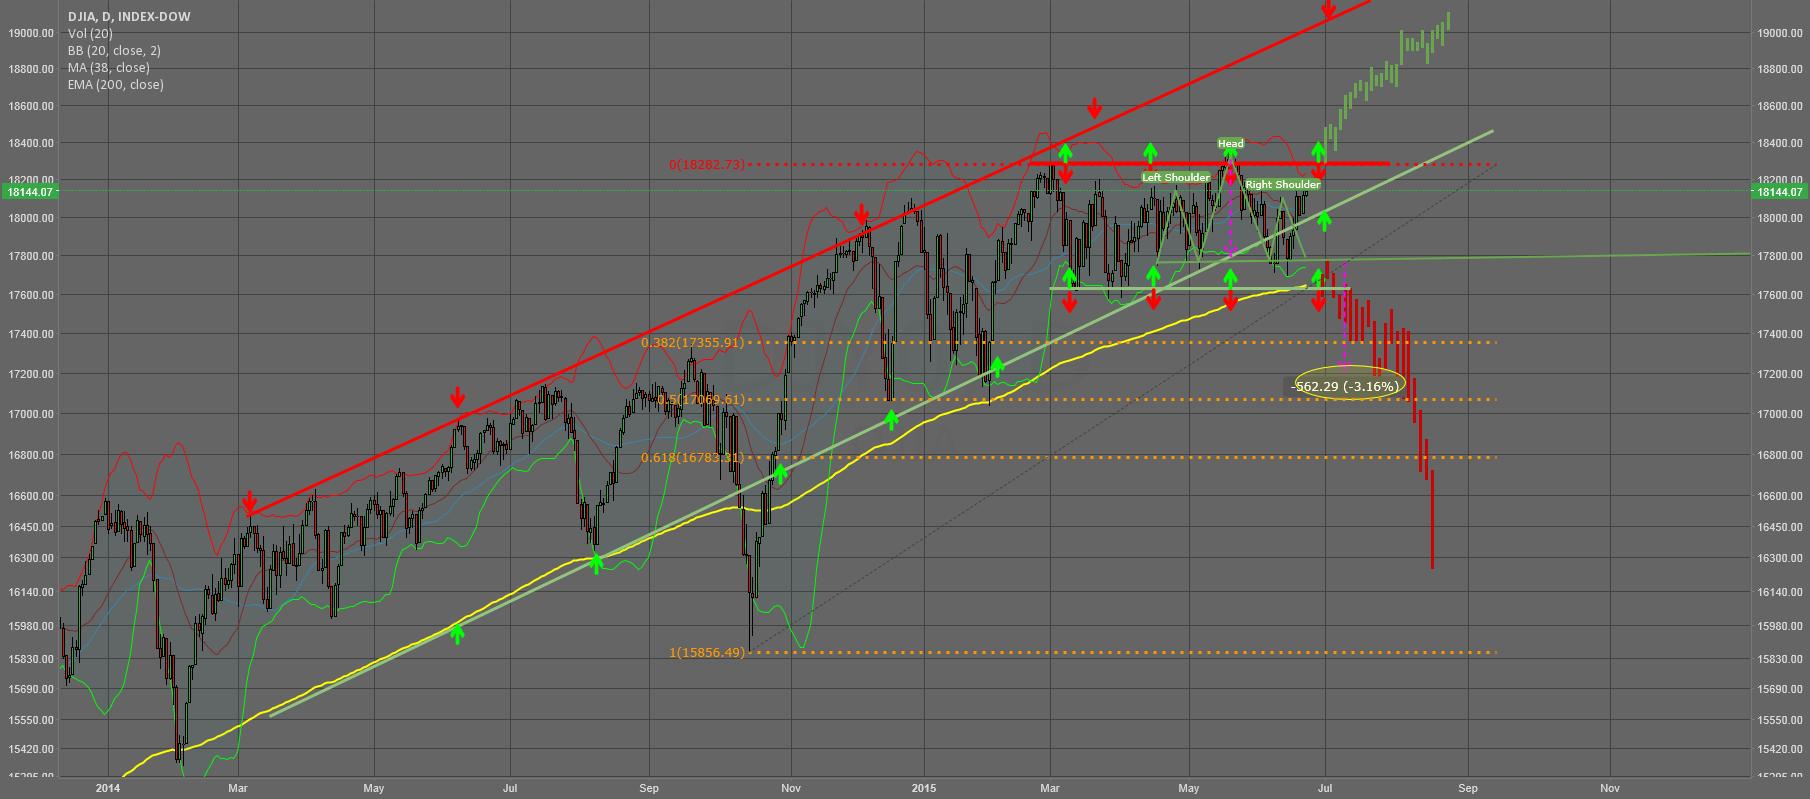 Update: DJIA still caught in the Box